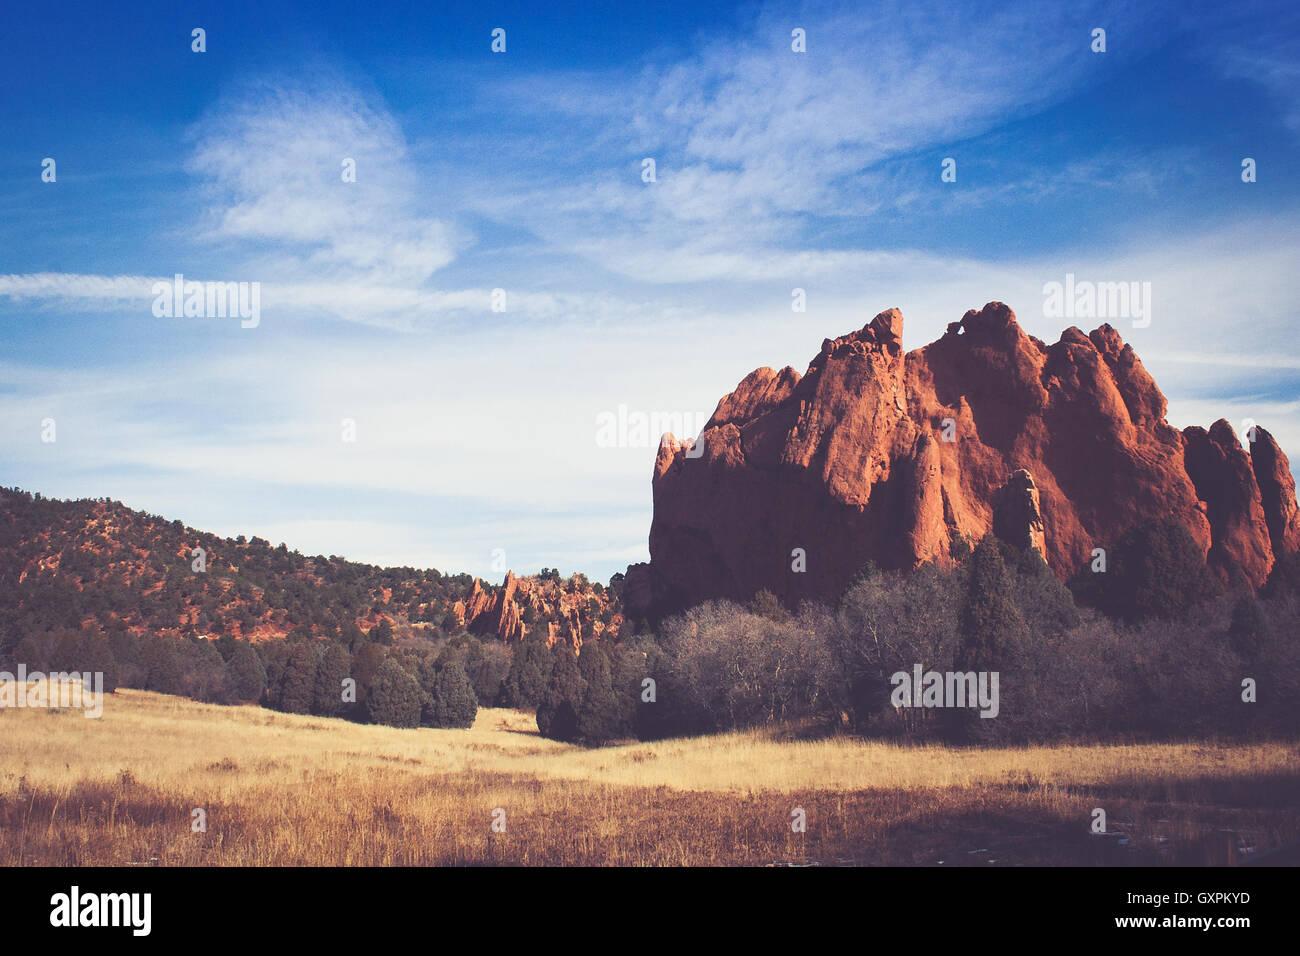 Landscape of Rock Formation - Stock Image